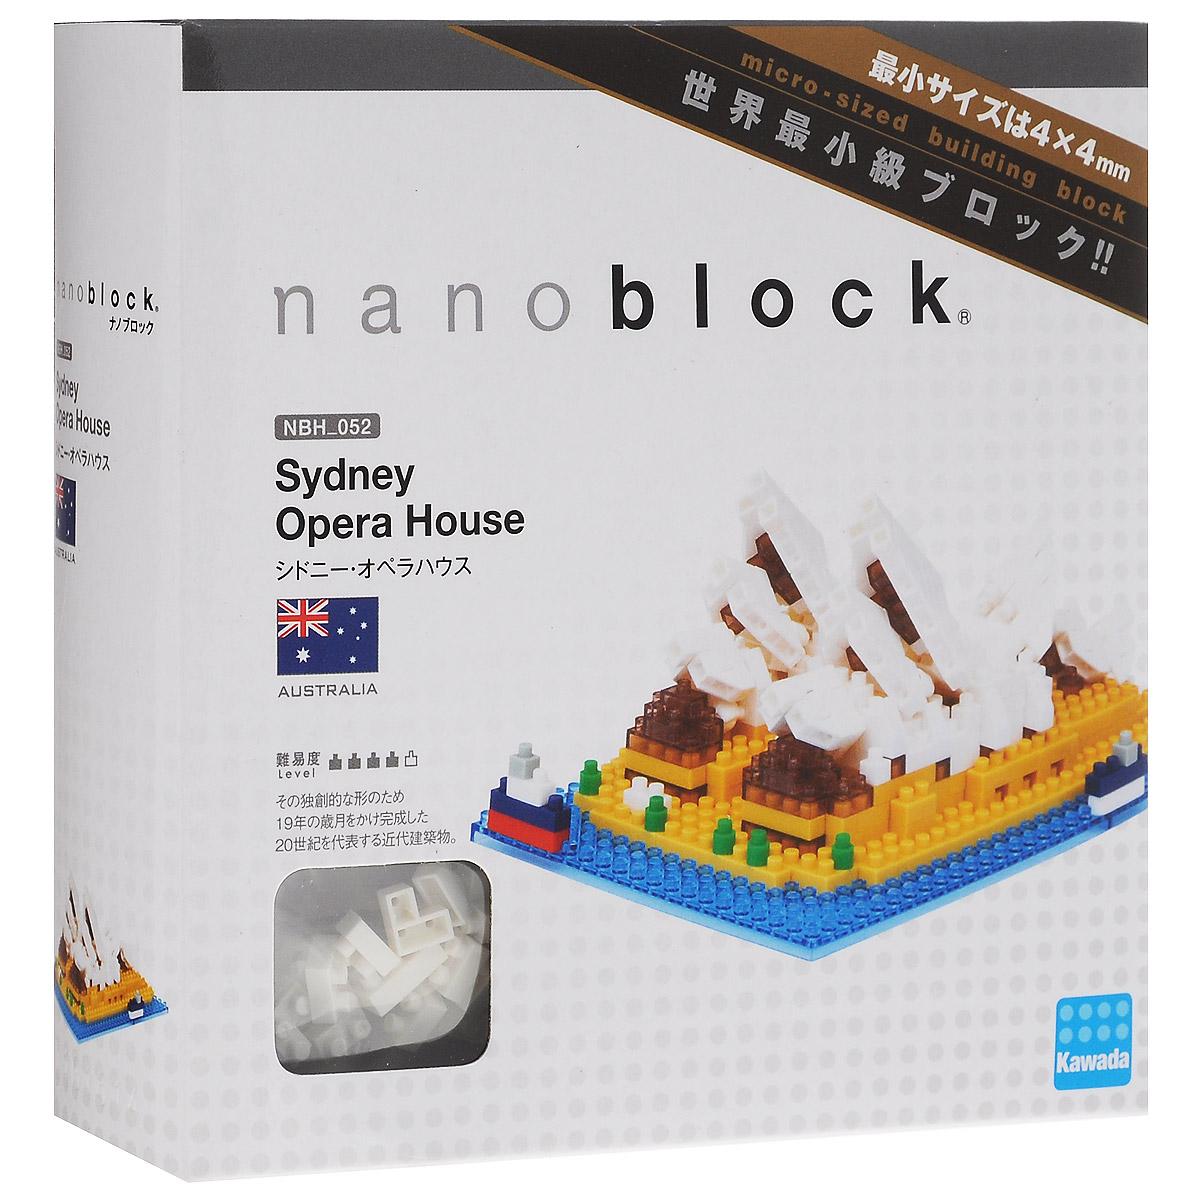 NanoBlock Мини-конструктор Сиднейский оперный театрNBH_052Мини-конструктор Сиднейский оперный театр - увлекательнейший способ времяпрепровождения и уникальная возможность собрать целую коллекцию нано-моделей реальных знаменитых архитектурных объектов. Набор включает подставку-площадку, более 430 разноцветных пластиковых мини-элементов (в том числе запасные) и графическую инструкцию-схему сборки. Детали конструктора позволят собрать всемирно известный сиднейский оперный театр. Конструктор nanoBlock - самый маленький в мире конструктор, крайне необычный, как все японское. Высокоточные трехмерные модели из деталей подобных Лего, но предельно уменьшенных в размерах, стали хитом в Японии и буквально произвели фурор в Америке, Европе, Азии и Австралии. Самая маленькая деталь конструктора - 4 мм х 4 мм, а классический прямоугольный элемент 2-на-4 точки имеет размер 8 мм х 16 мм и 5 мм высотой. Запатентованный дизайн деталей и высочайшее качество пластика обеспечивают надежное соединение даже при таких небольших размерах. ...